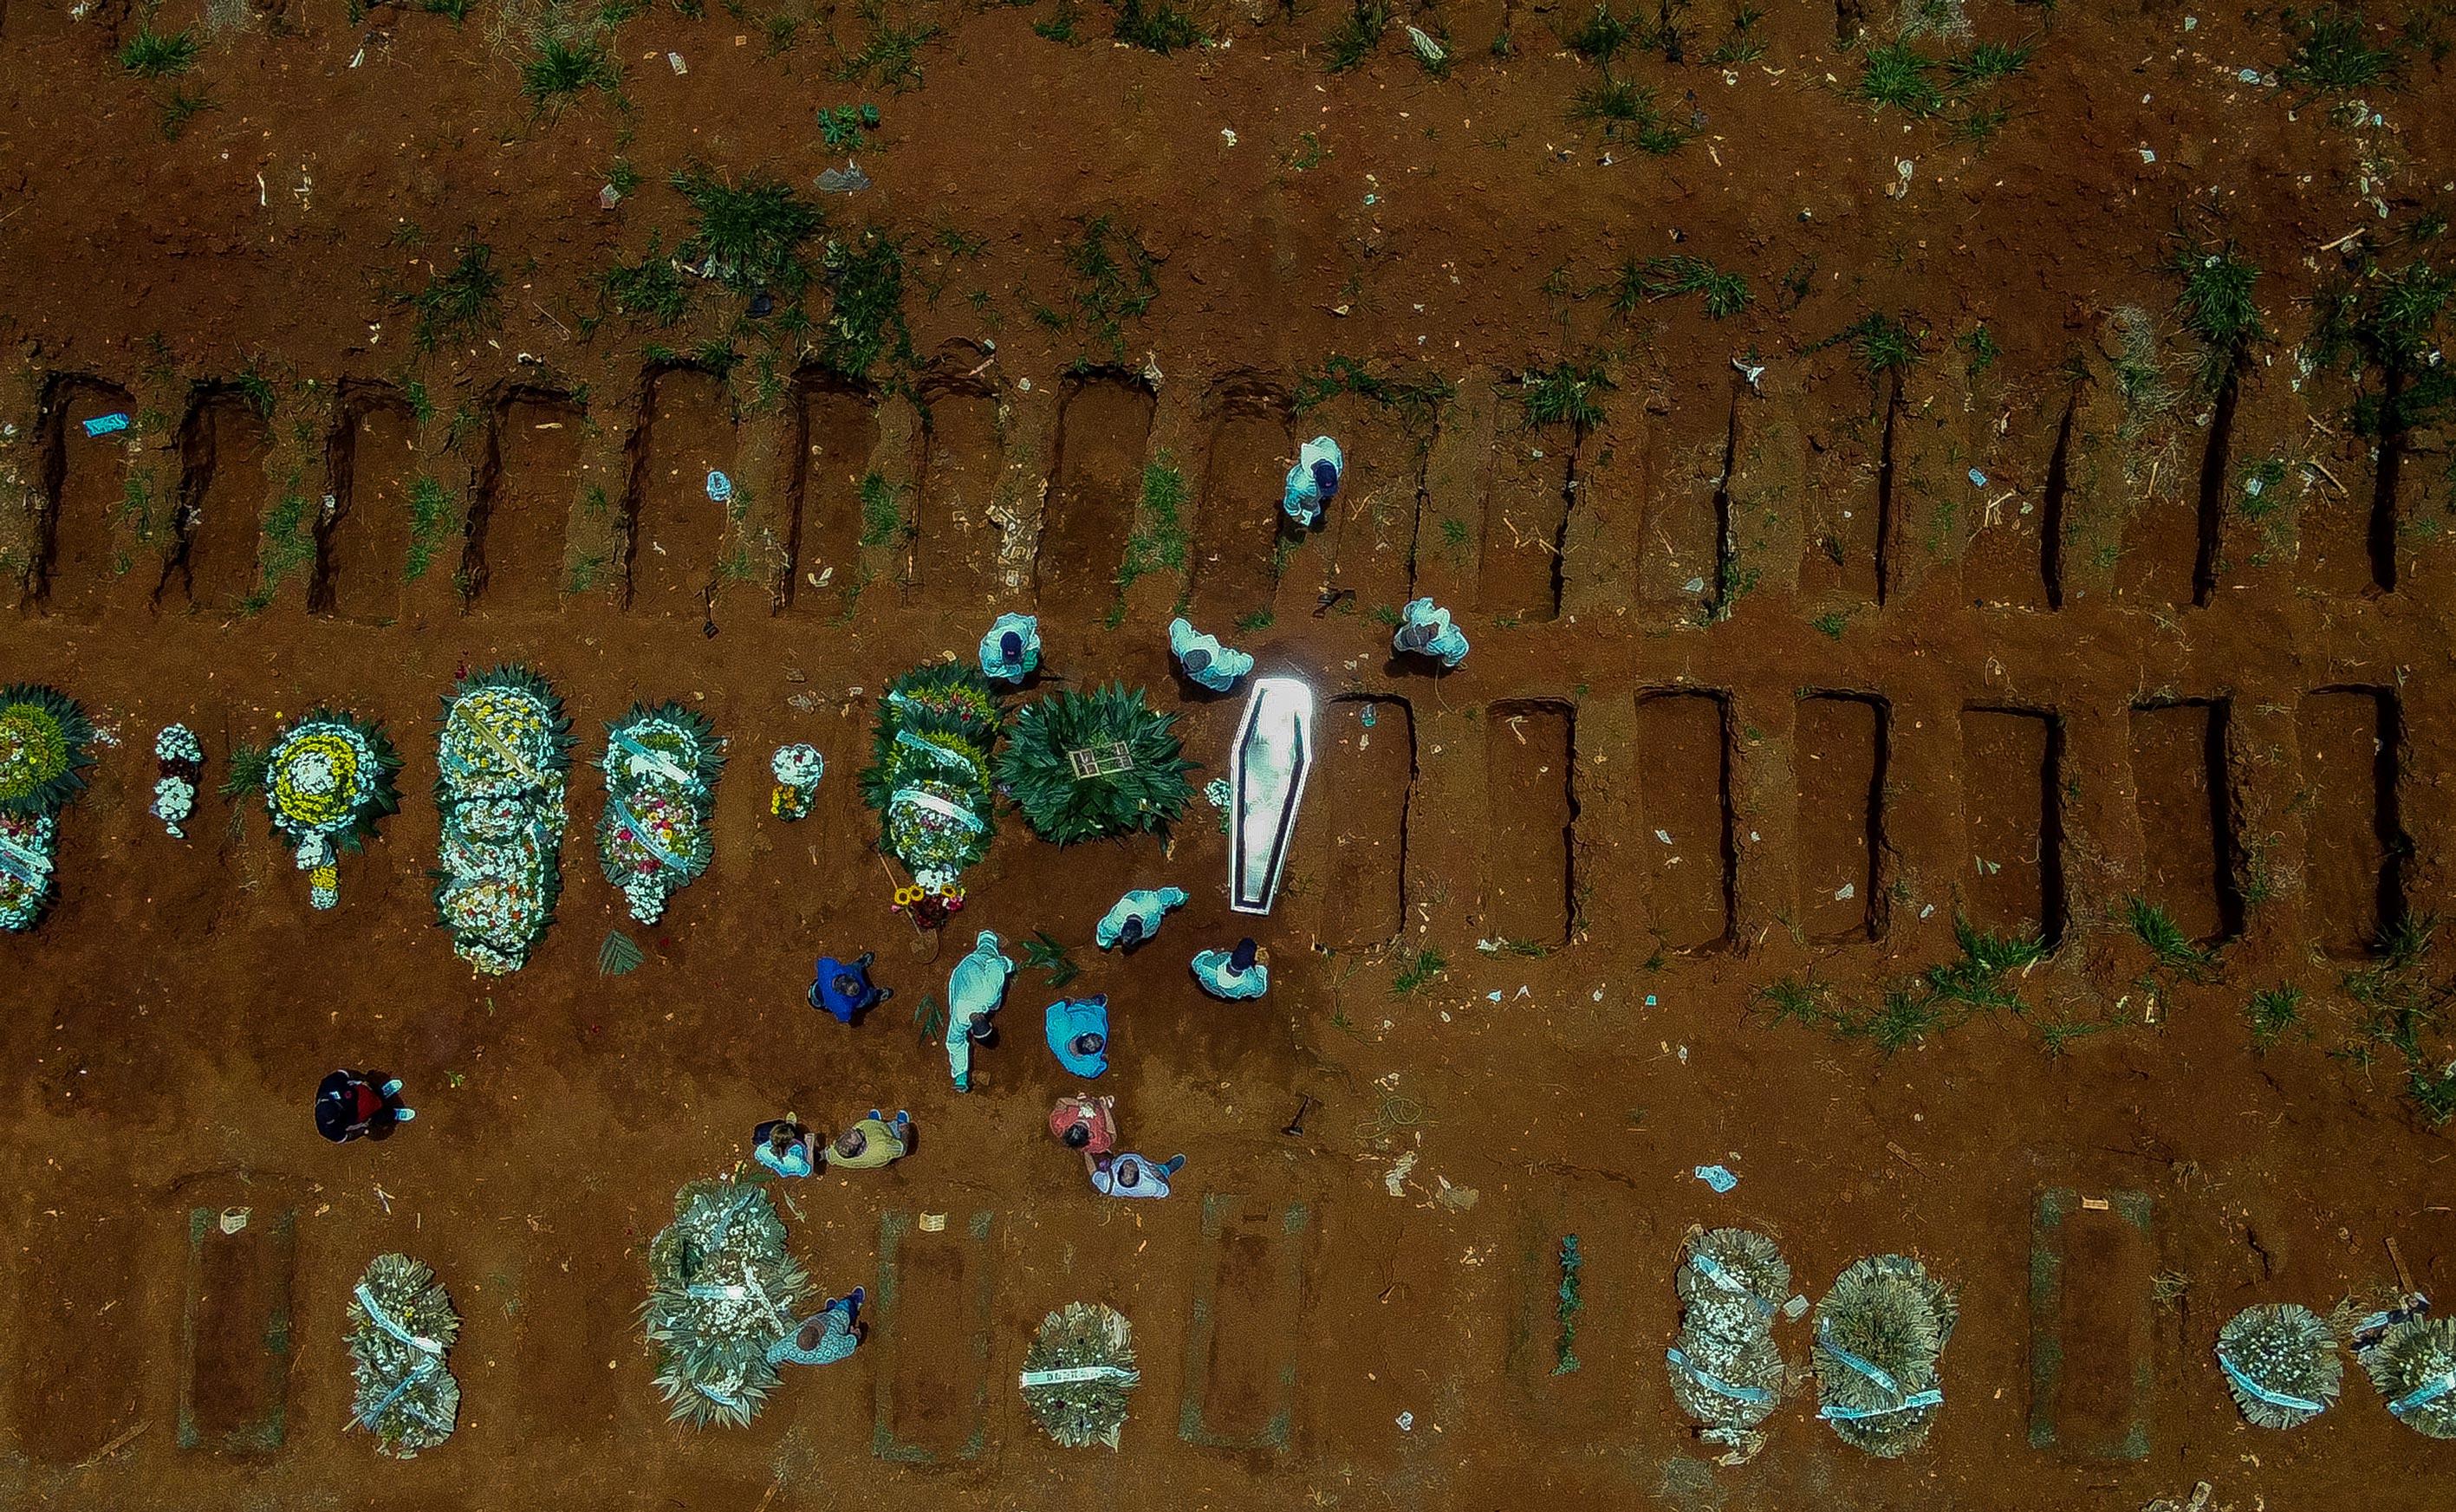 Vista aérea do cemitério da Vila Formosa, em São Paulo, durante pandemia de Covi